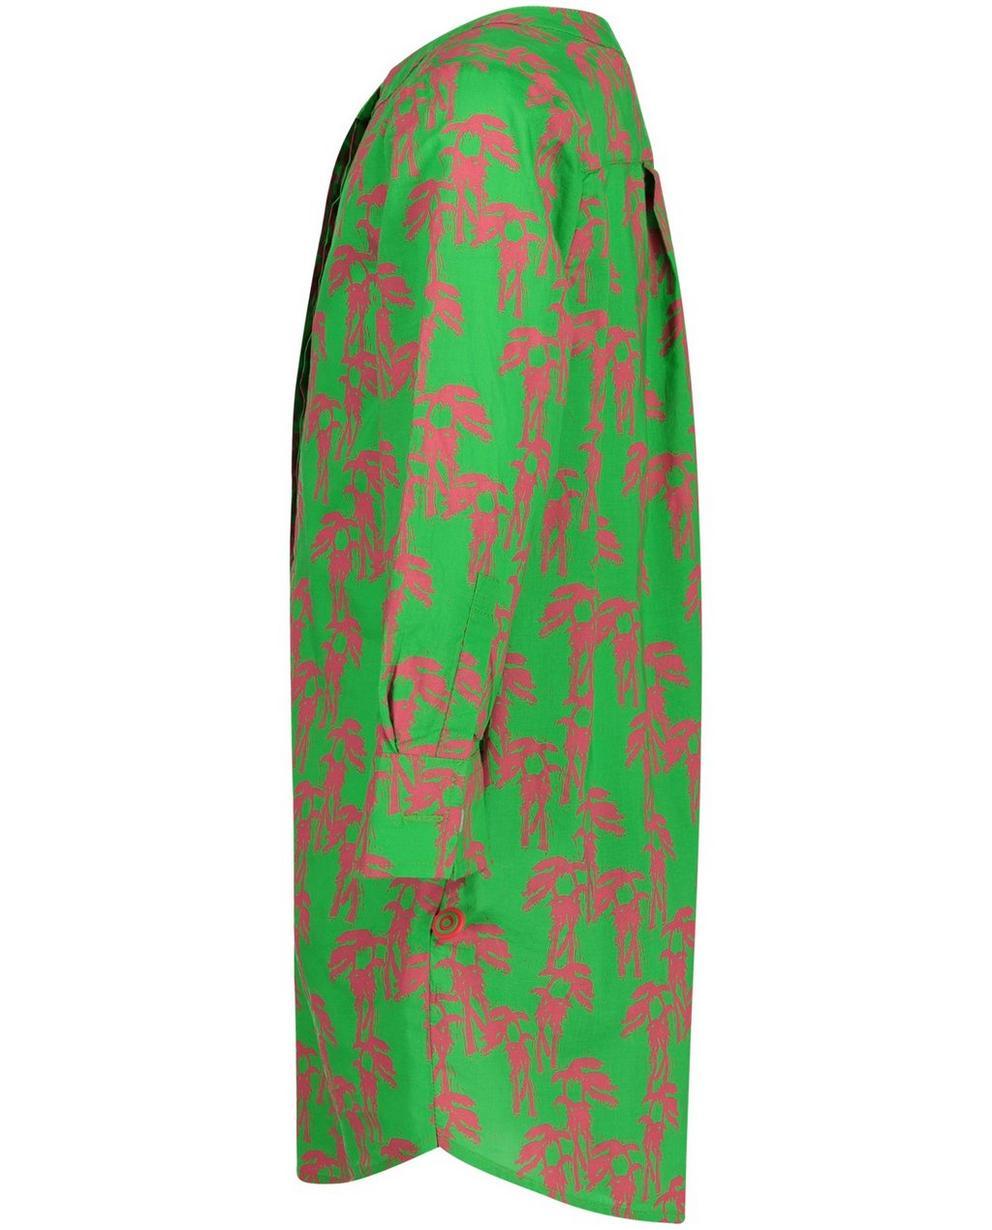 Kleedjes - Grasgroene hemdjurk